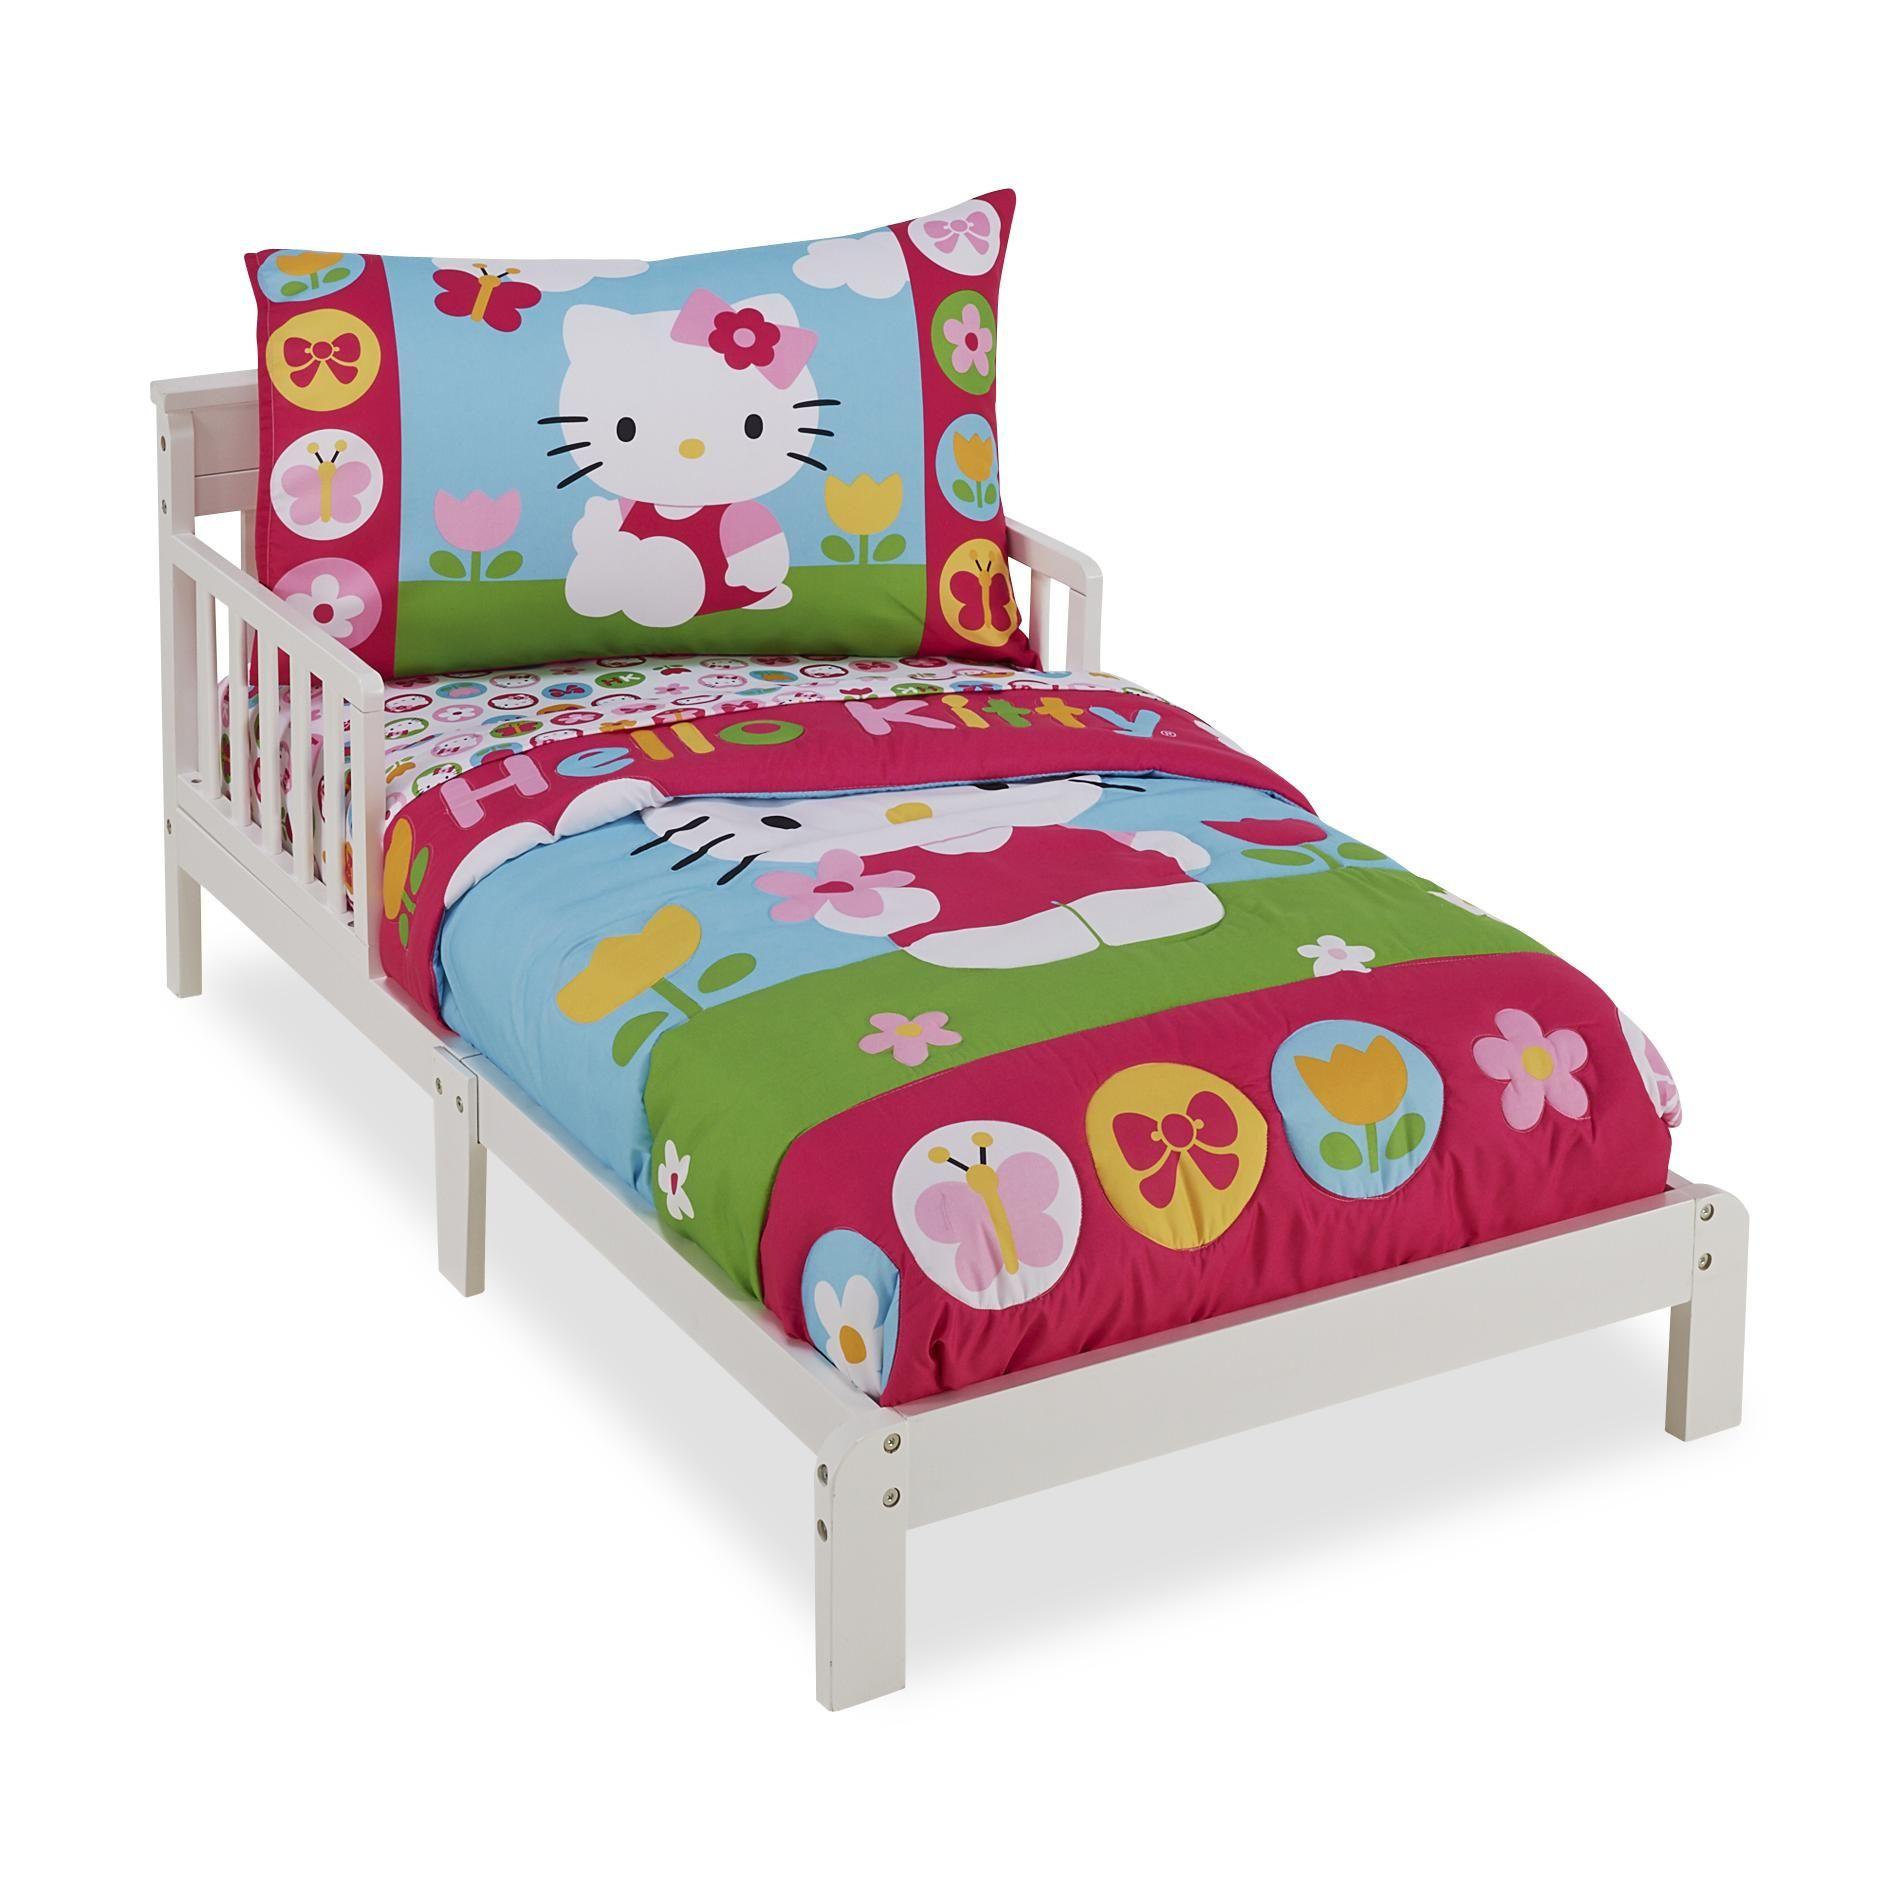 Good Hello Kitty Toddler Bedding Design Idea